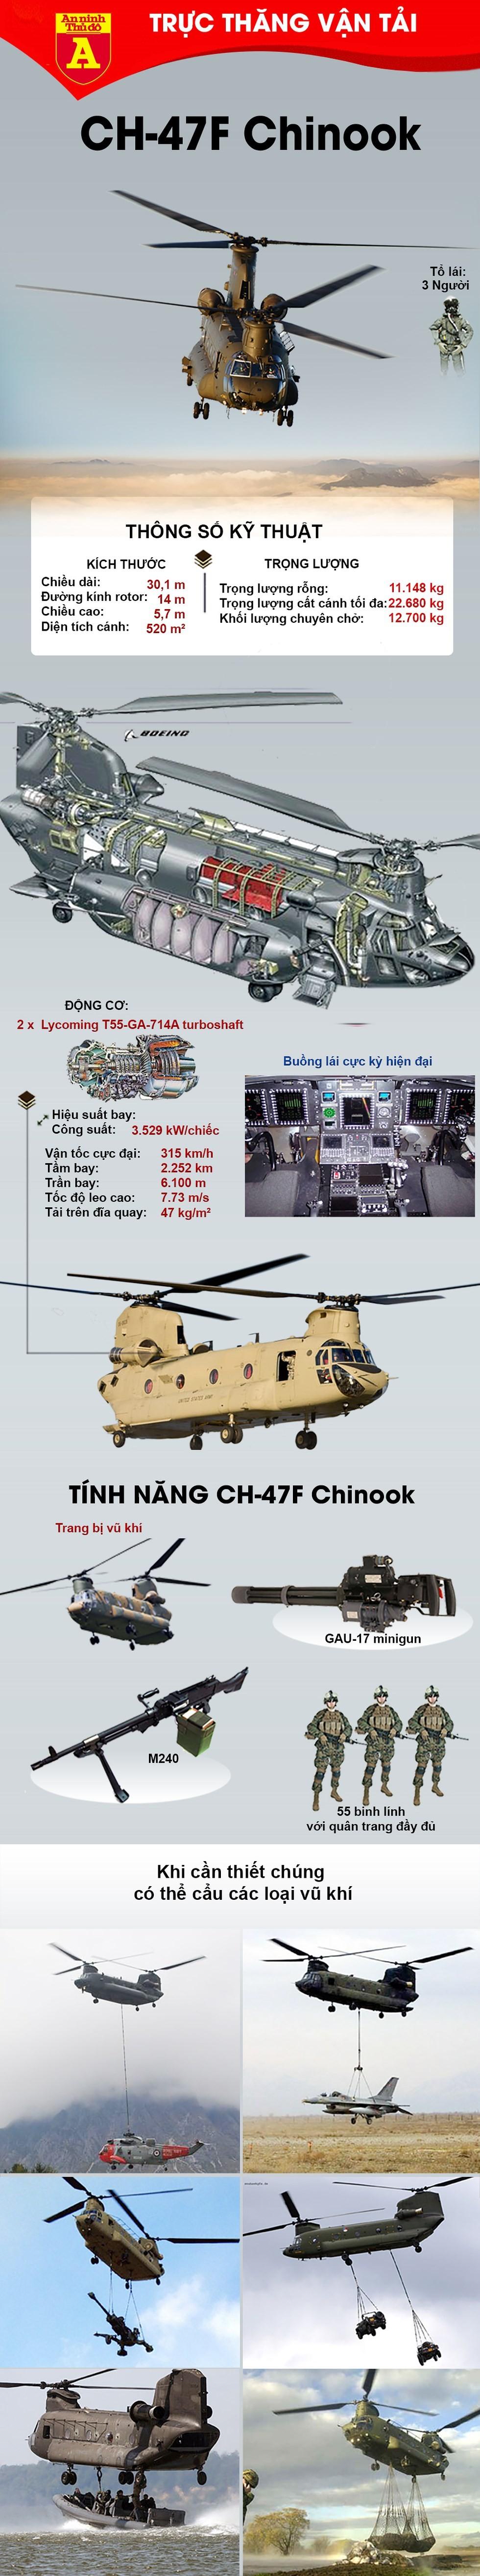 [Info] 5 chiếc trực thăng khổng lồ CH-47 Mỹ đã giúp Việt Nam lập cầu hàng không thế nào? ảnh 3